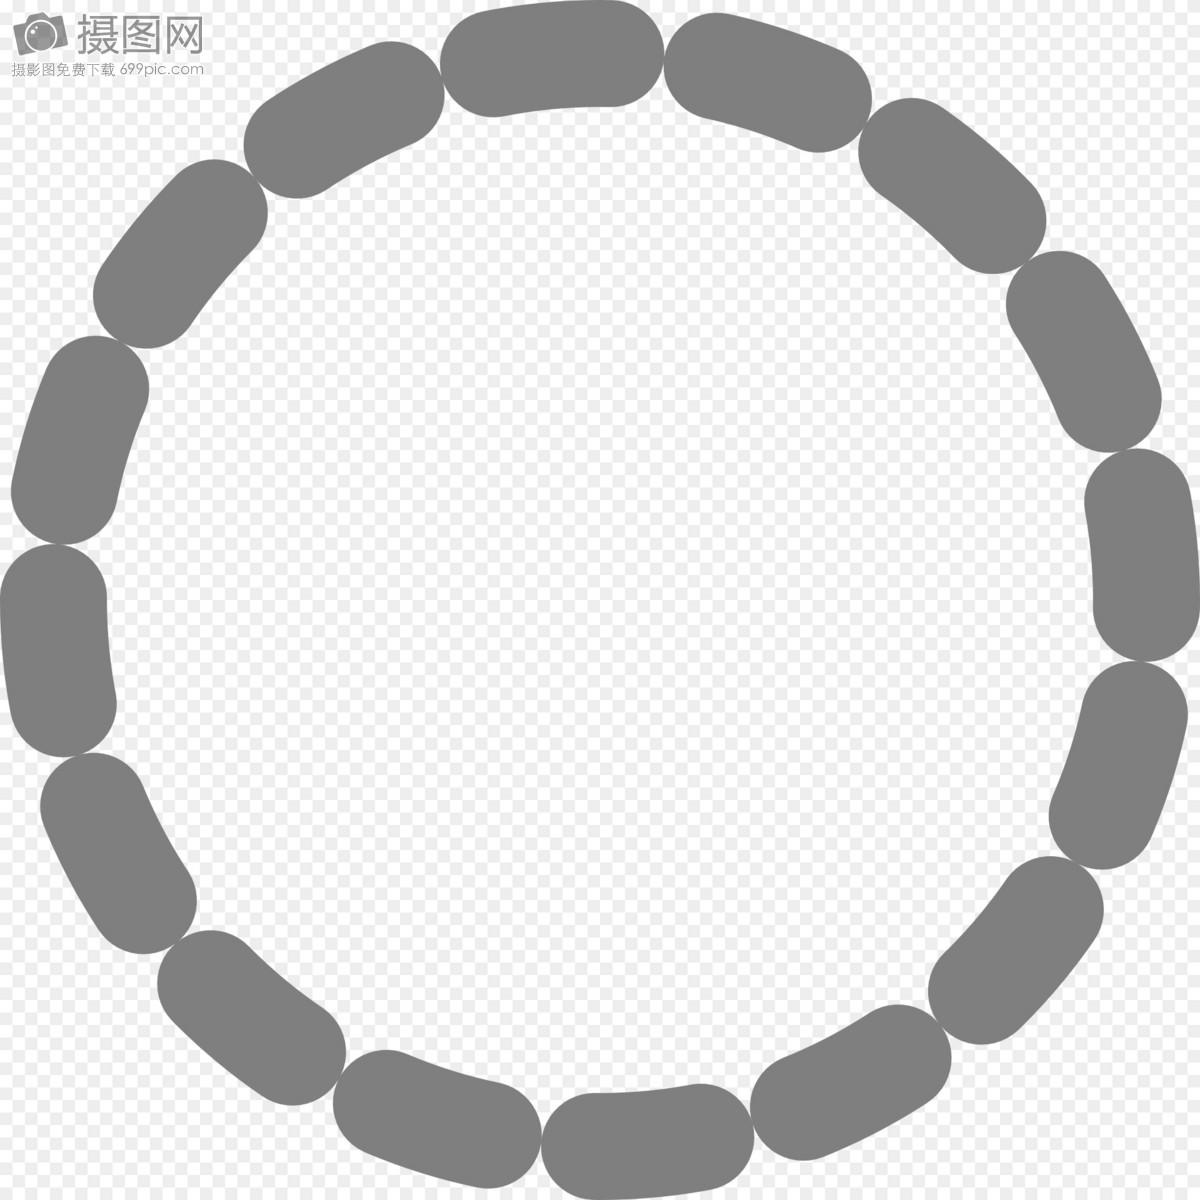 灰色虚线圆形图片素材_免费下载_svg图片格式_高清_摄